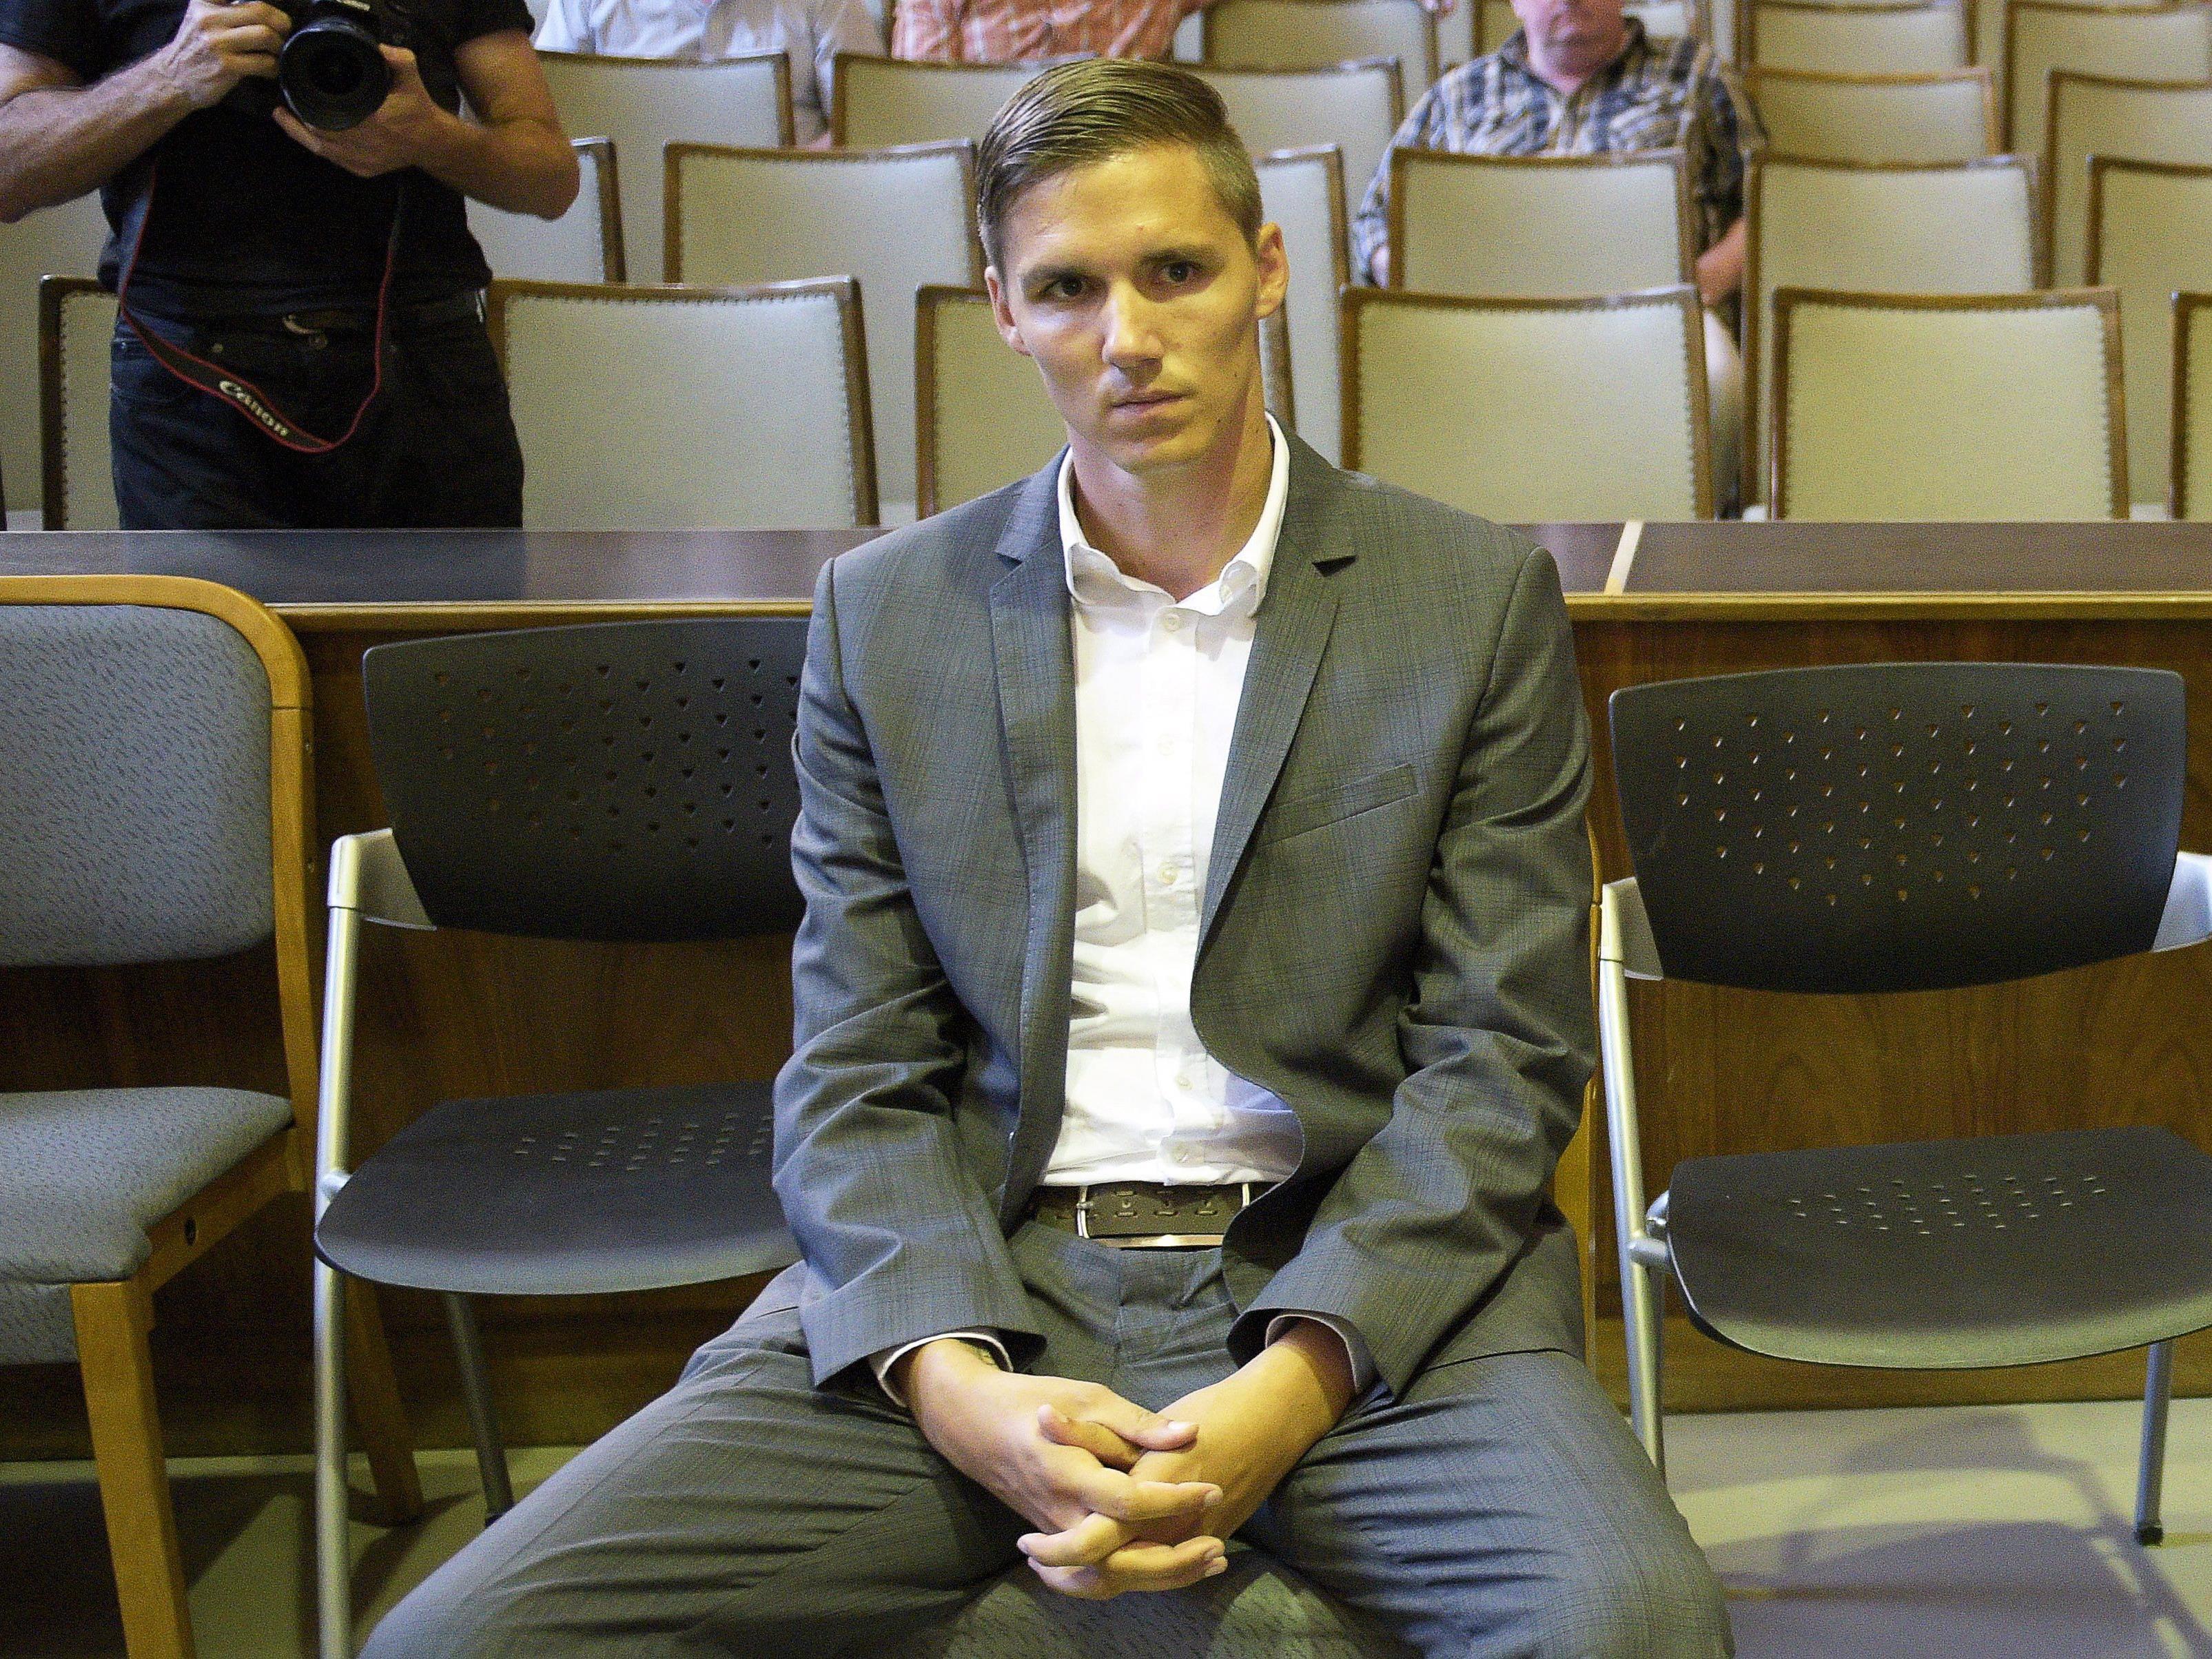 ga brachte mit seinem Geständnis den Skandal ins Rollen.